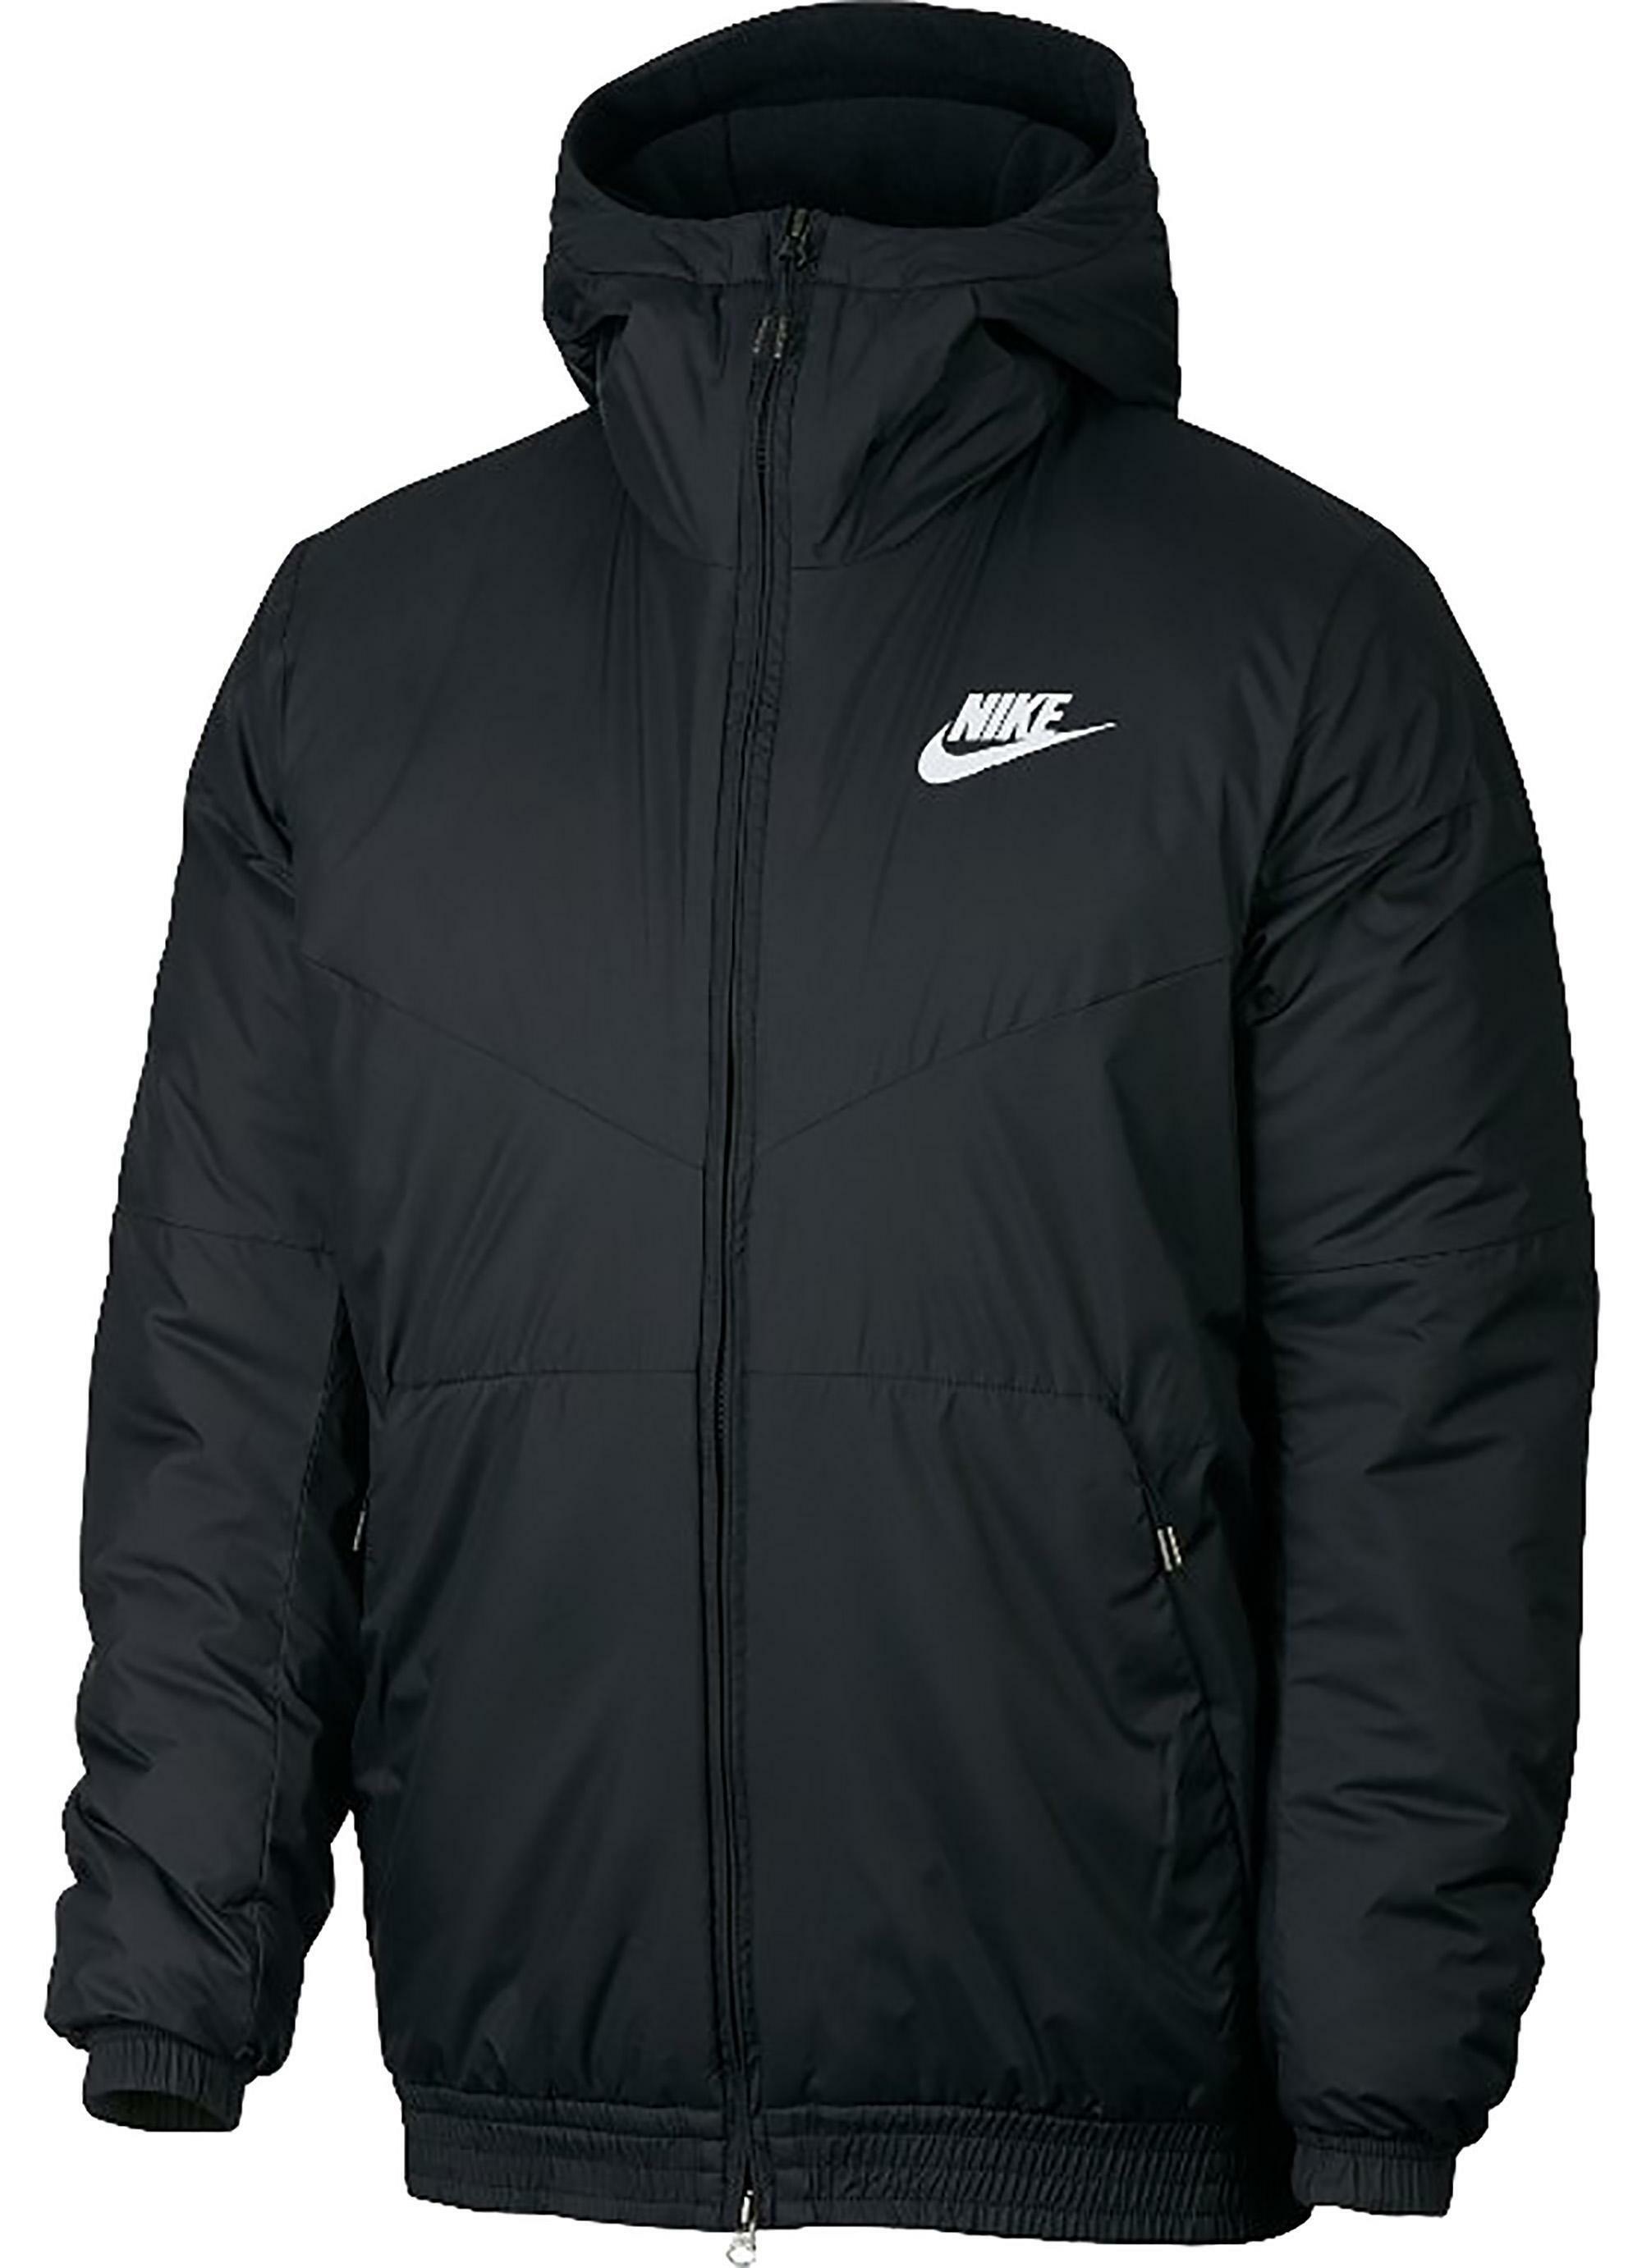 prezzo competitivo 74905 8b594 Nike giubbotto uomo nero 928861010